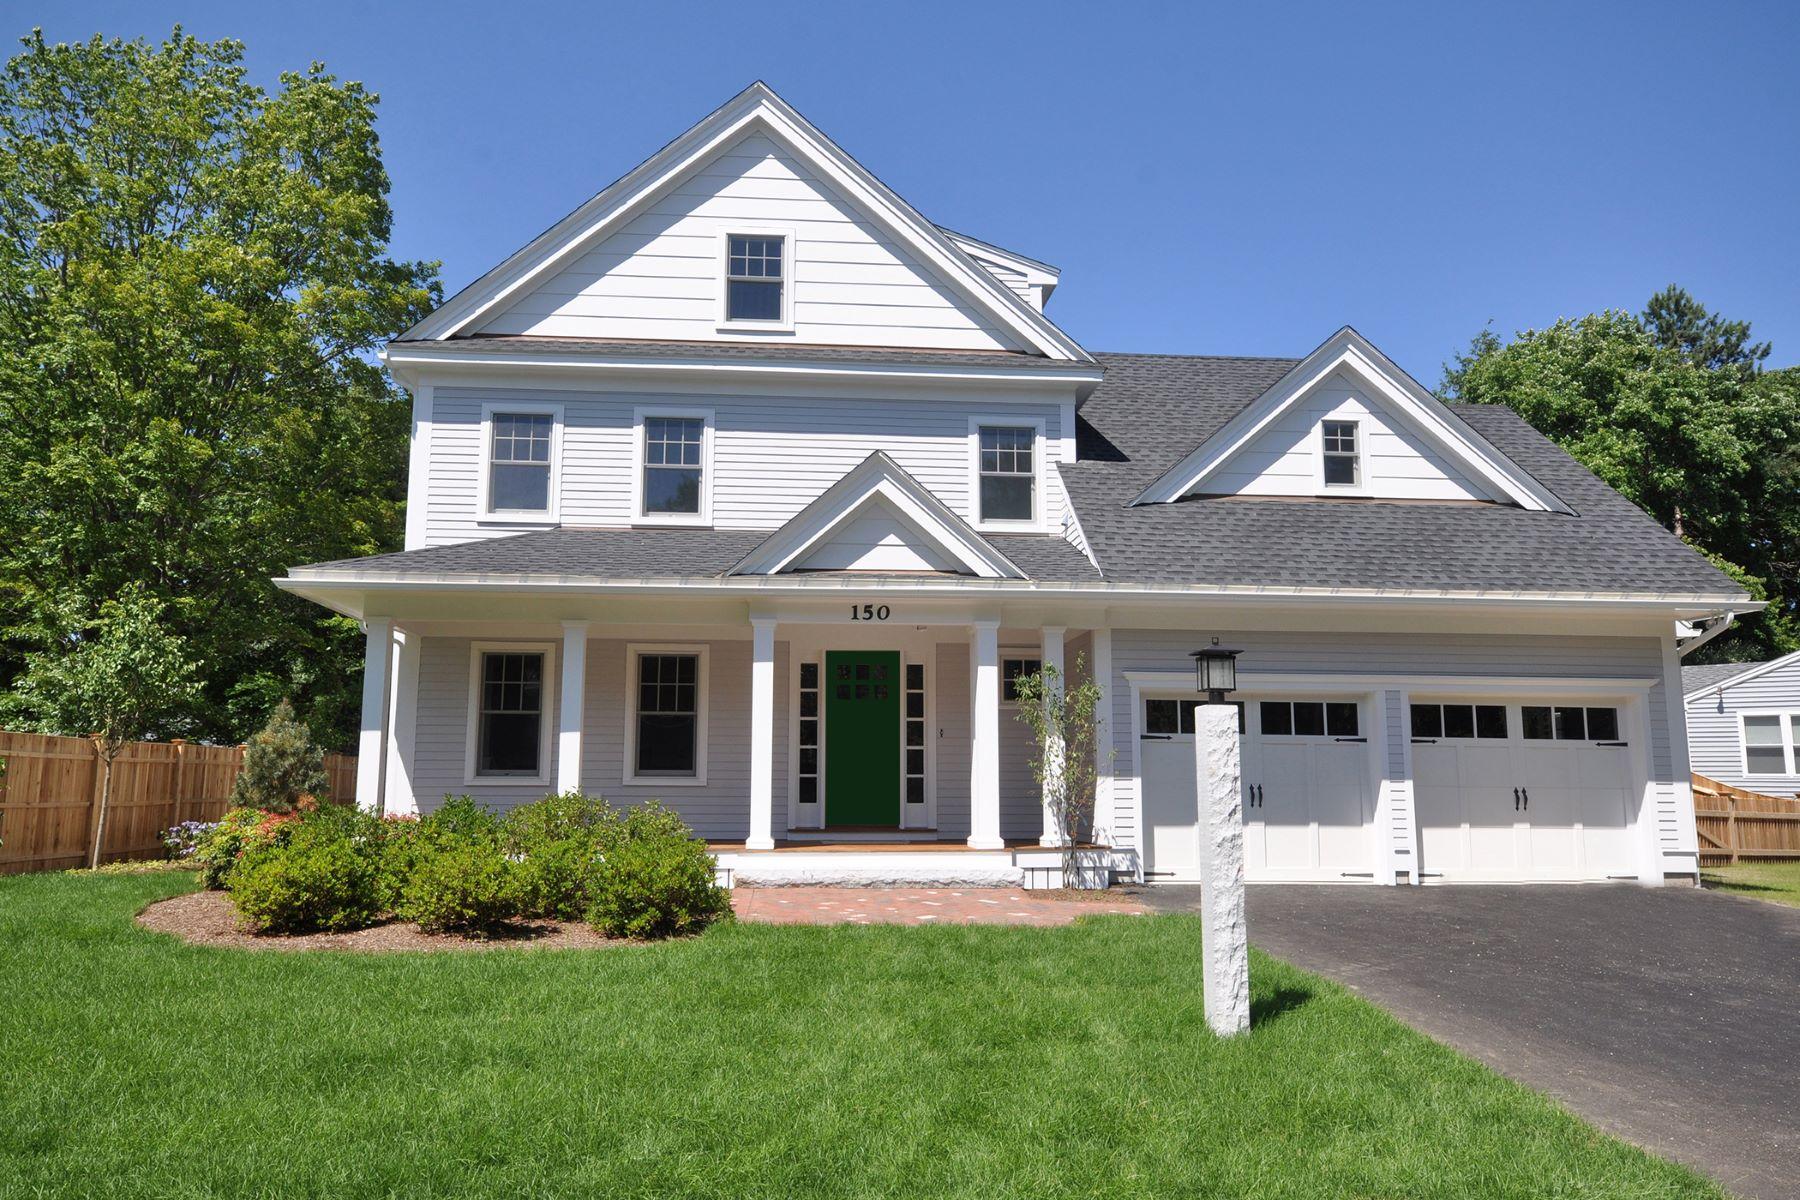 Maison unifamiliale pour l Vente à 150 Elsinore Street, Concord Concord, Massachusetts, 01742 États-Unis